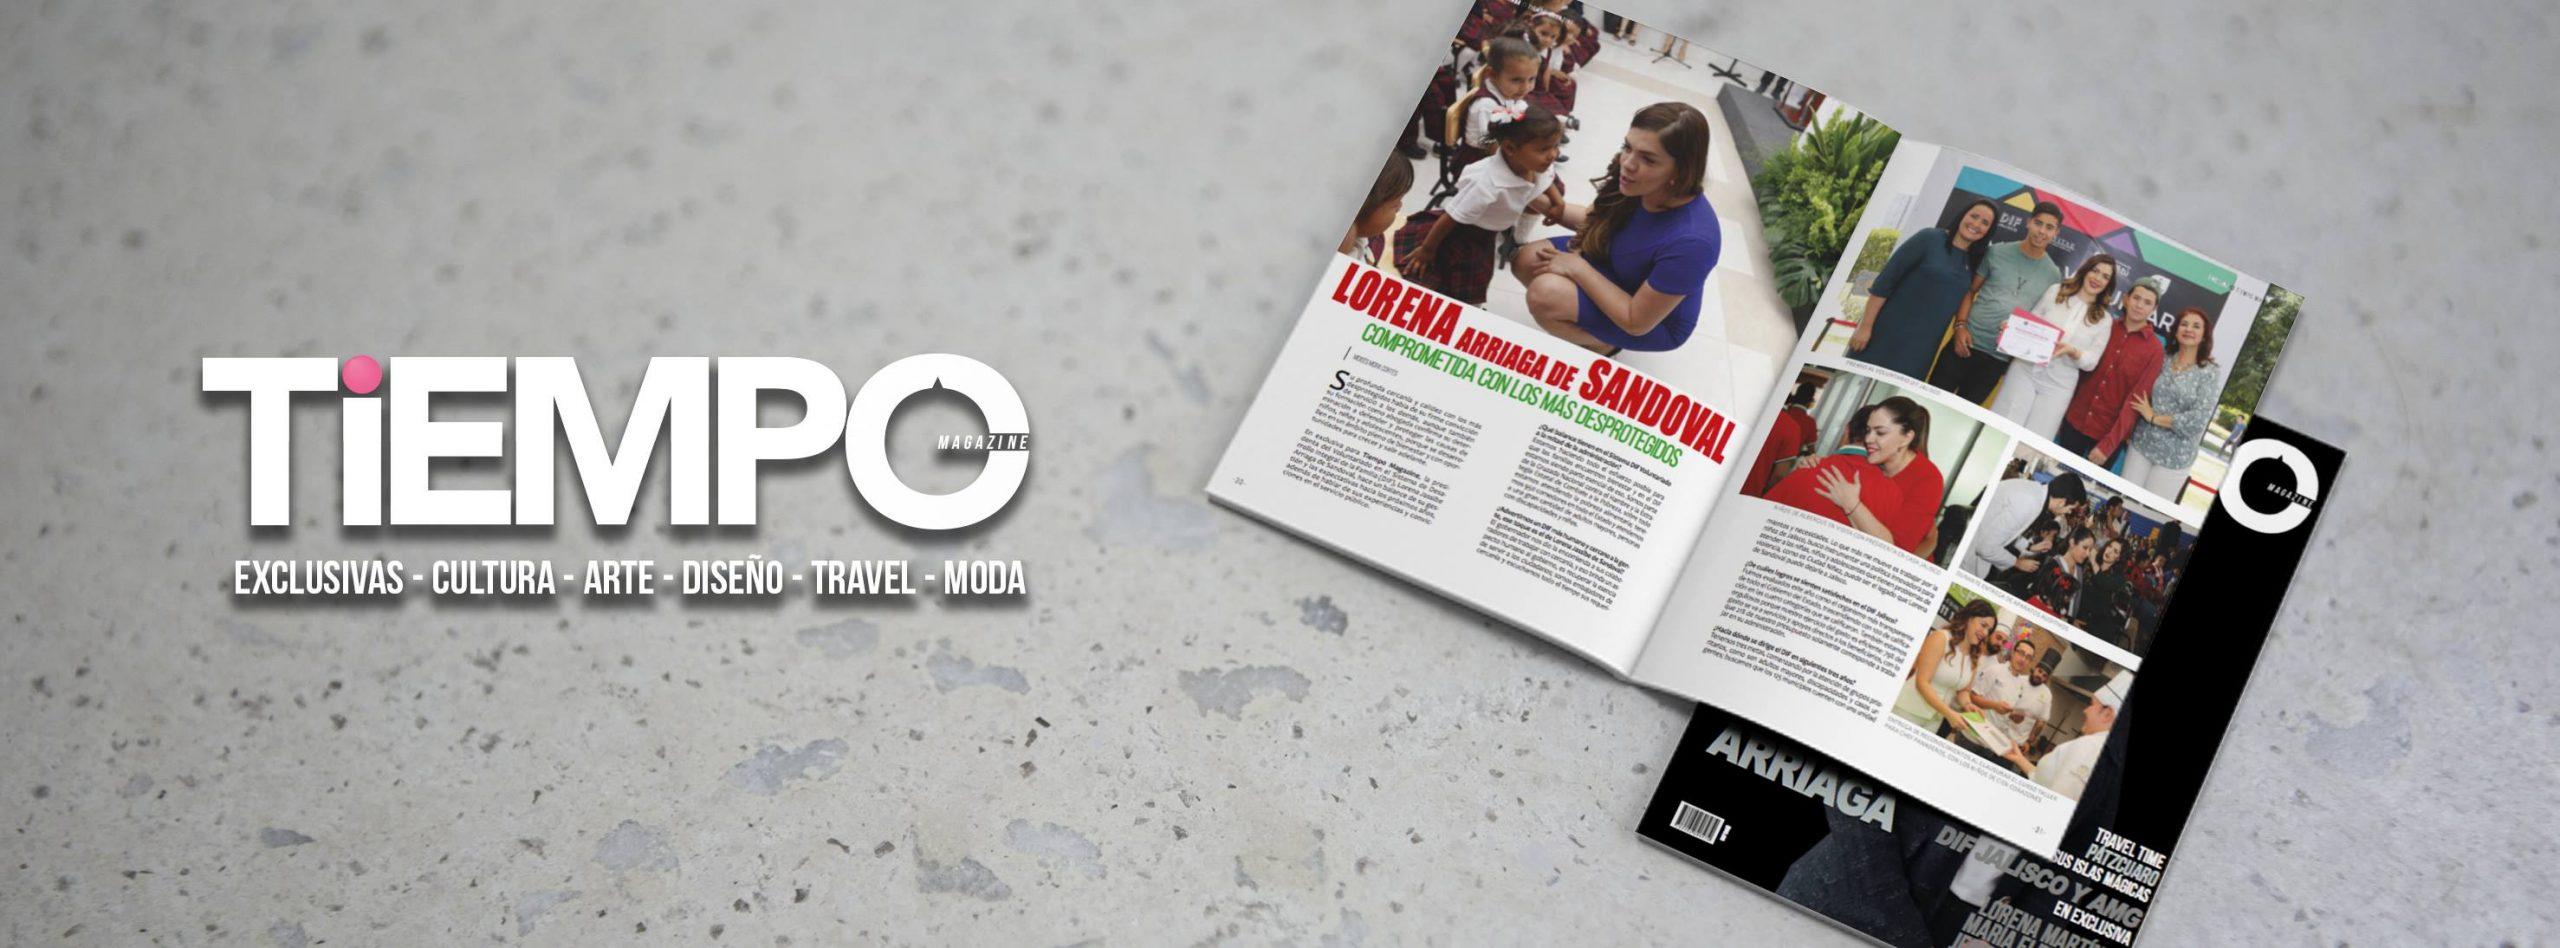 Tiempo Magazine 4